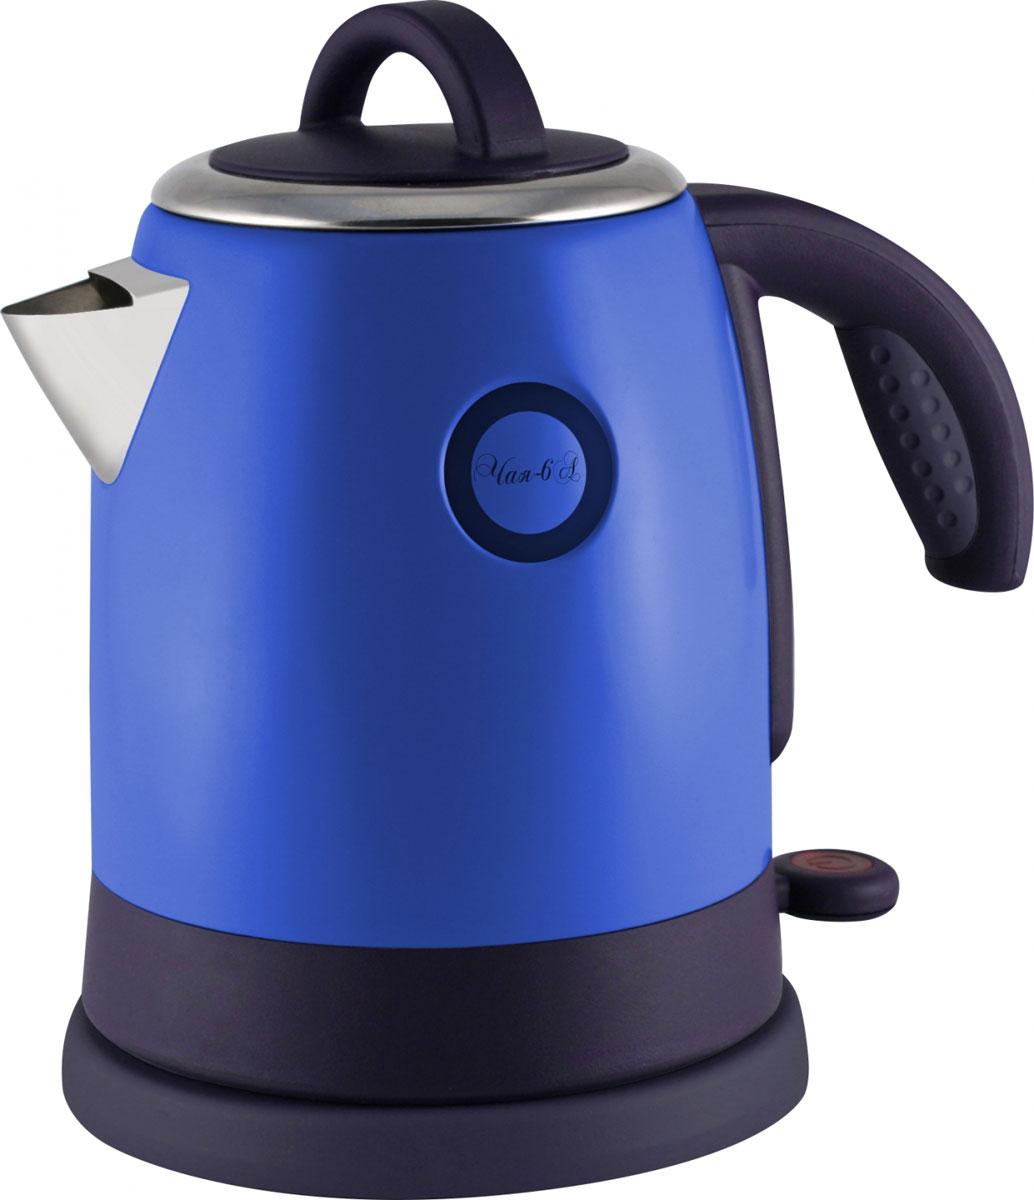 Великие Реки Чая-6А, Blue электрический чайникЧая-6АВеликие Реки Чая-6А - стильный и недорогой электрический чайник в корпусе из нержавеющей стали. Модель снабжена широкой горловиной, съемной крышкой и эргономичной ручкой. Имеется также шкала уровня воды, индикатор работы и возможность вращения чайника на 360 градусов. Безопасность в использовании обеспечивает встроенная защита от перегрева.